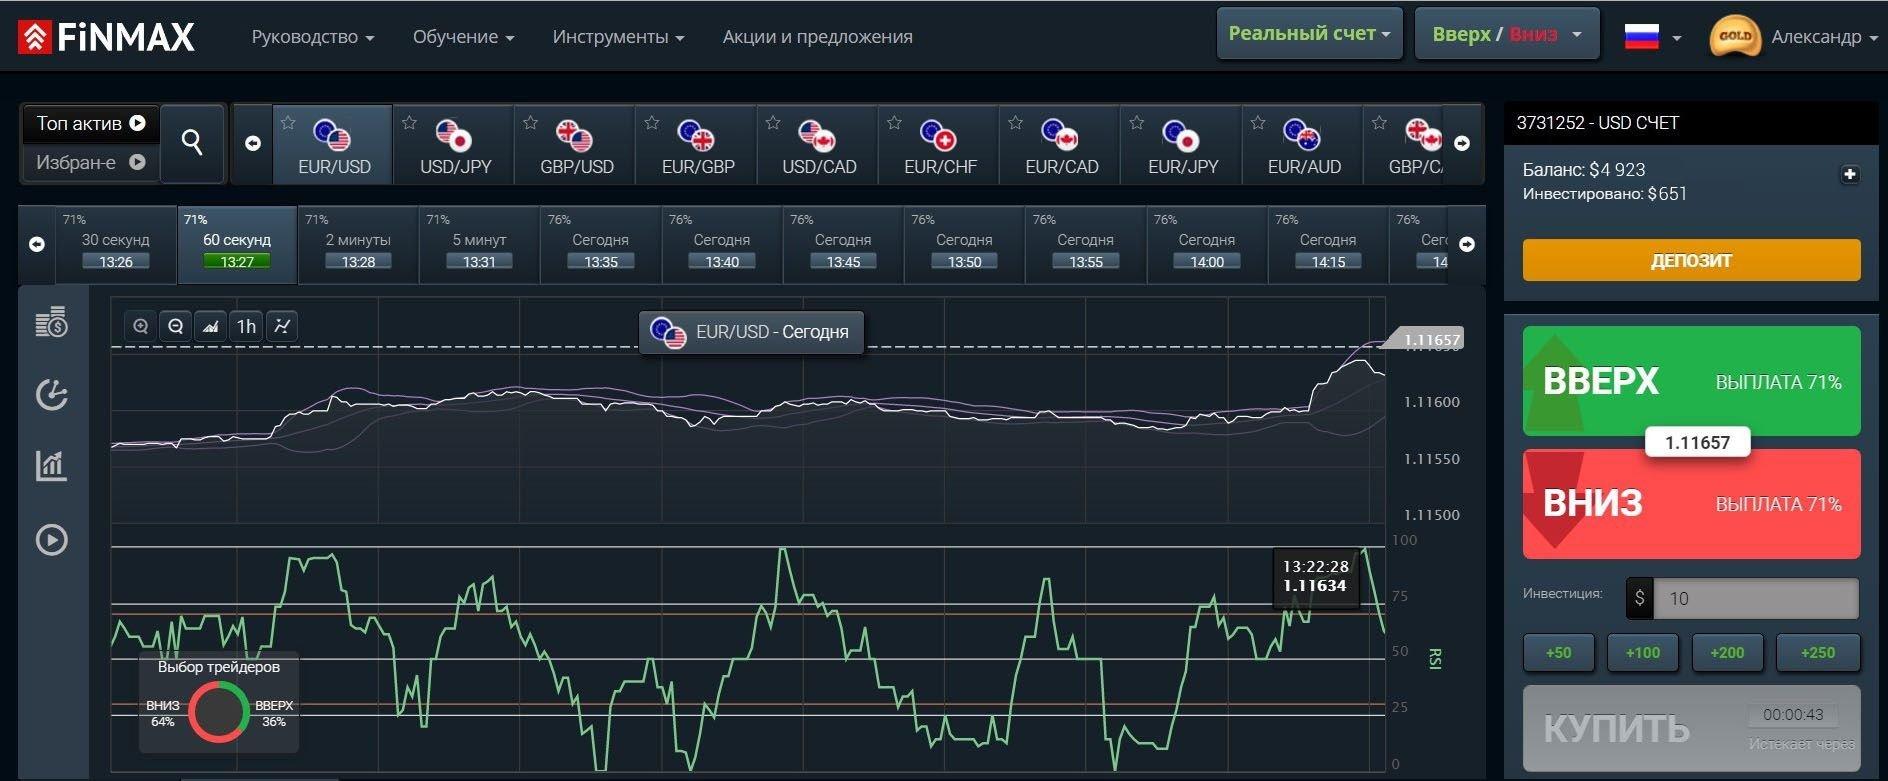 С индикаторами график выглядит следующим образом. RSI расположен ниже